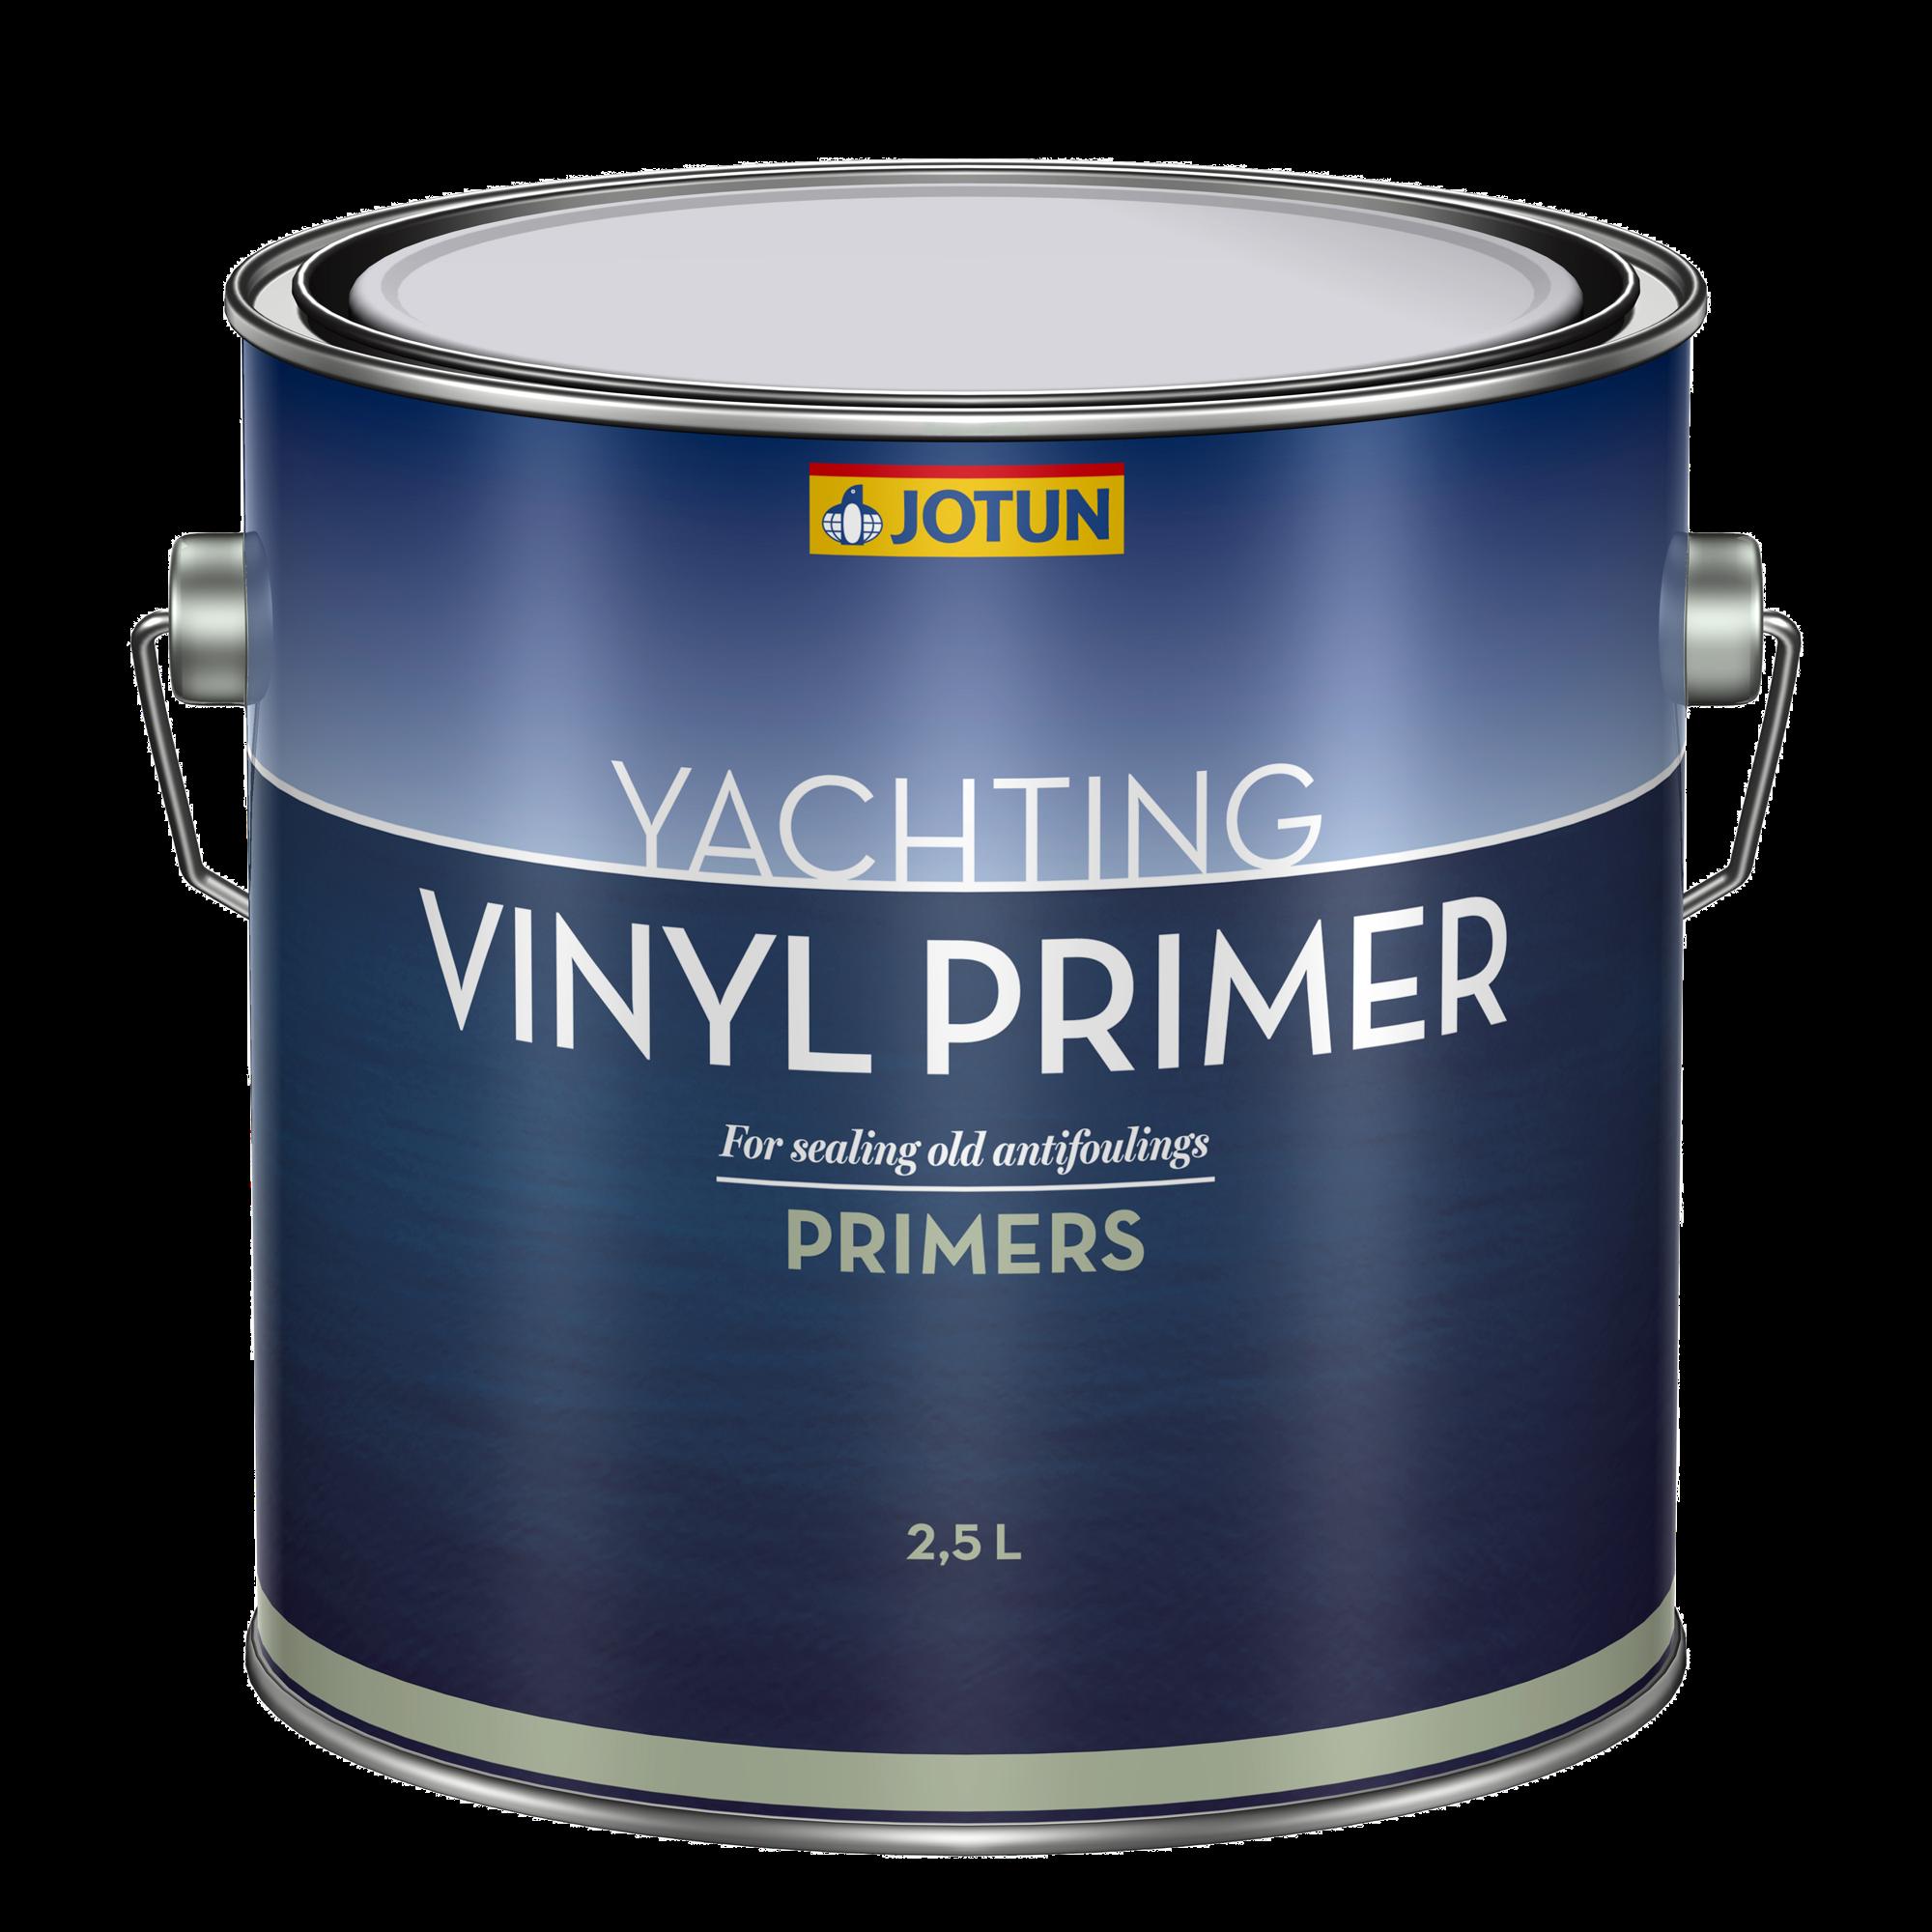 Yachting Vinyl Primer-750 ml